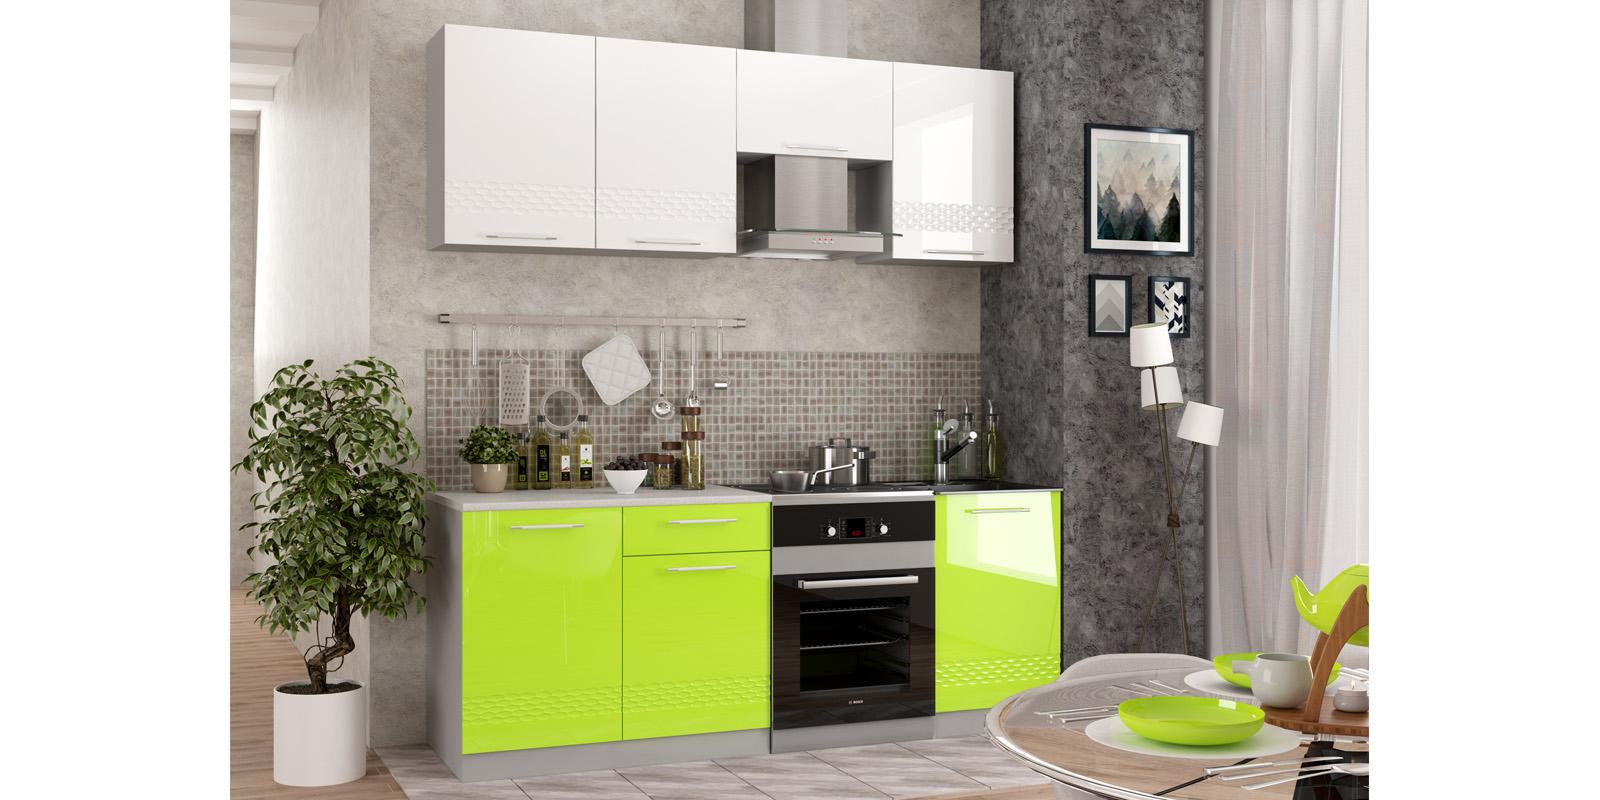 Модульная кухня Тиара вариант №1 (серый/лайм глянец)